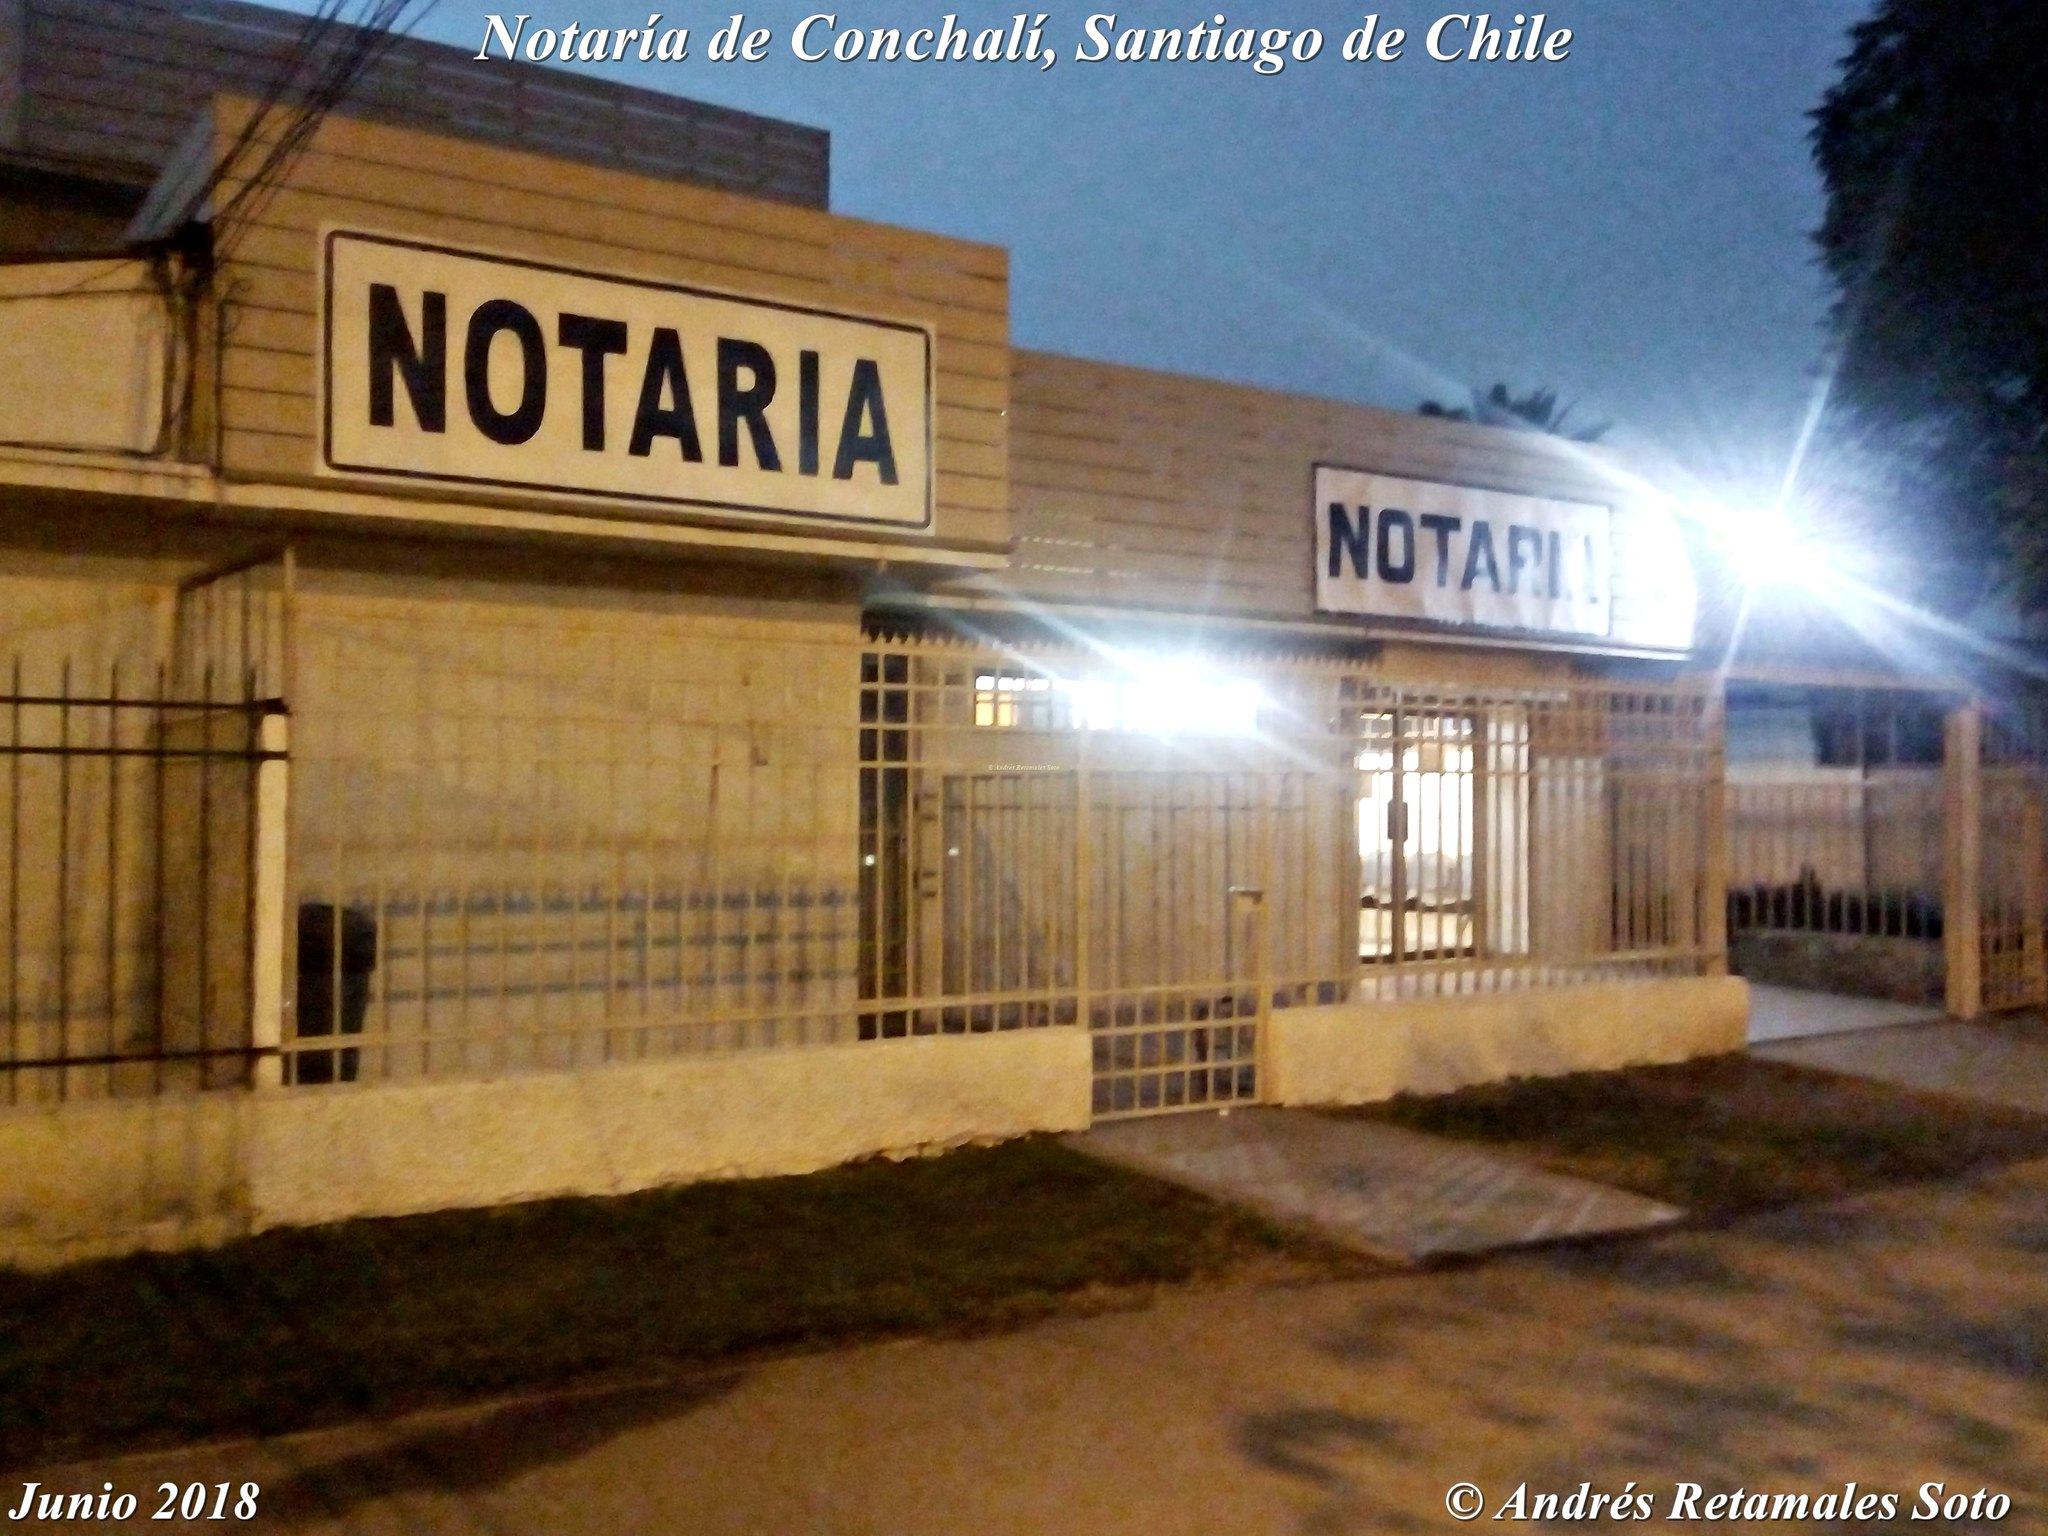 Notaría de Conchalí, Santiago de Chile, junio 2018